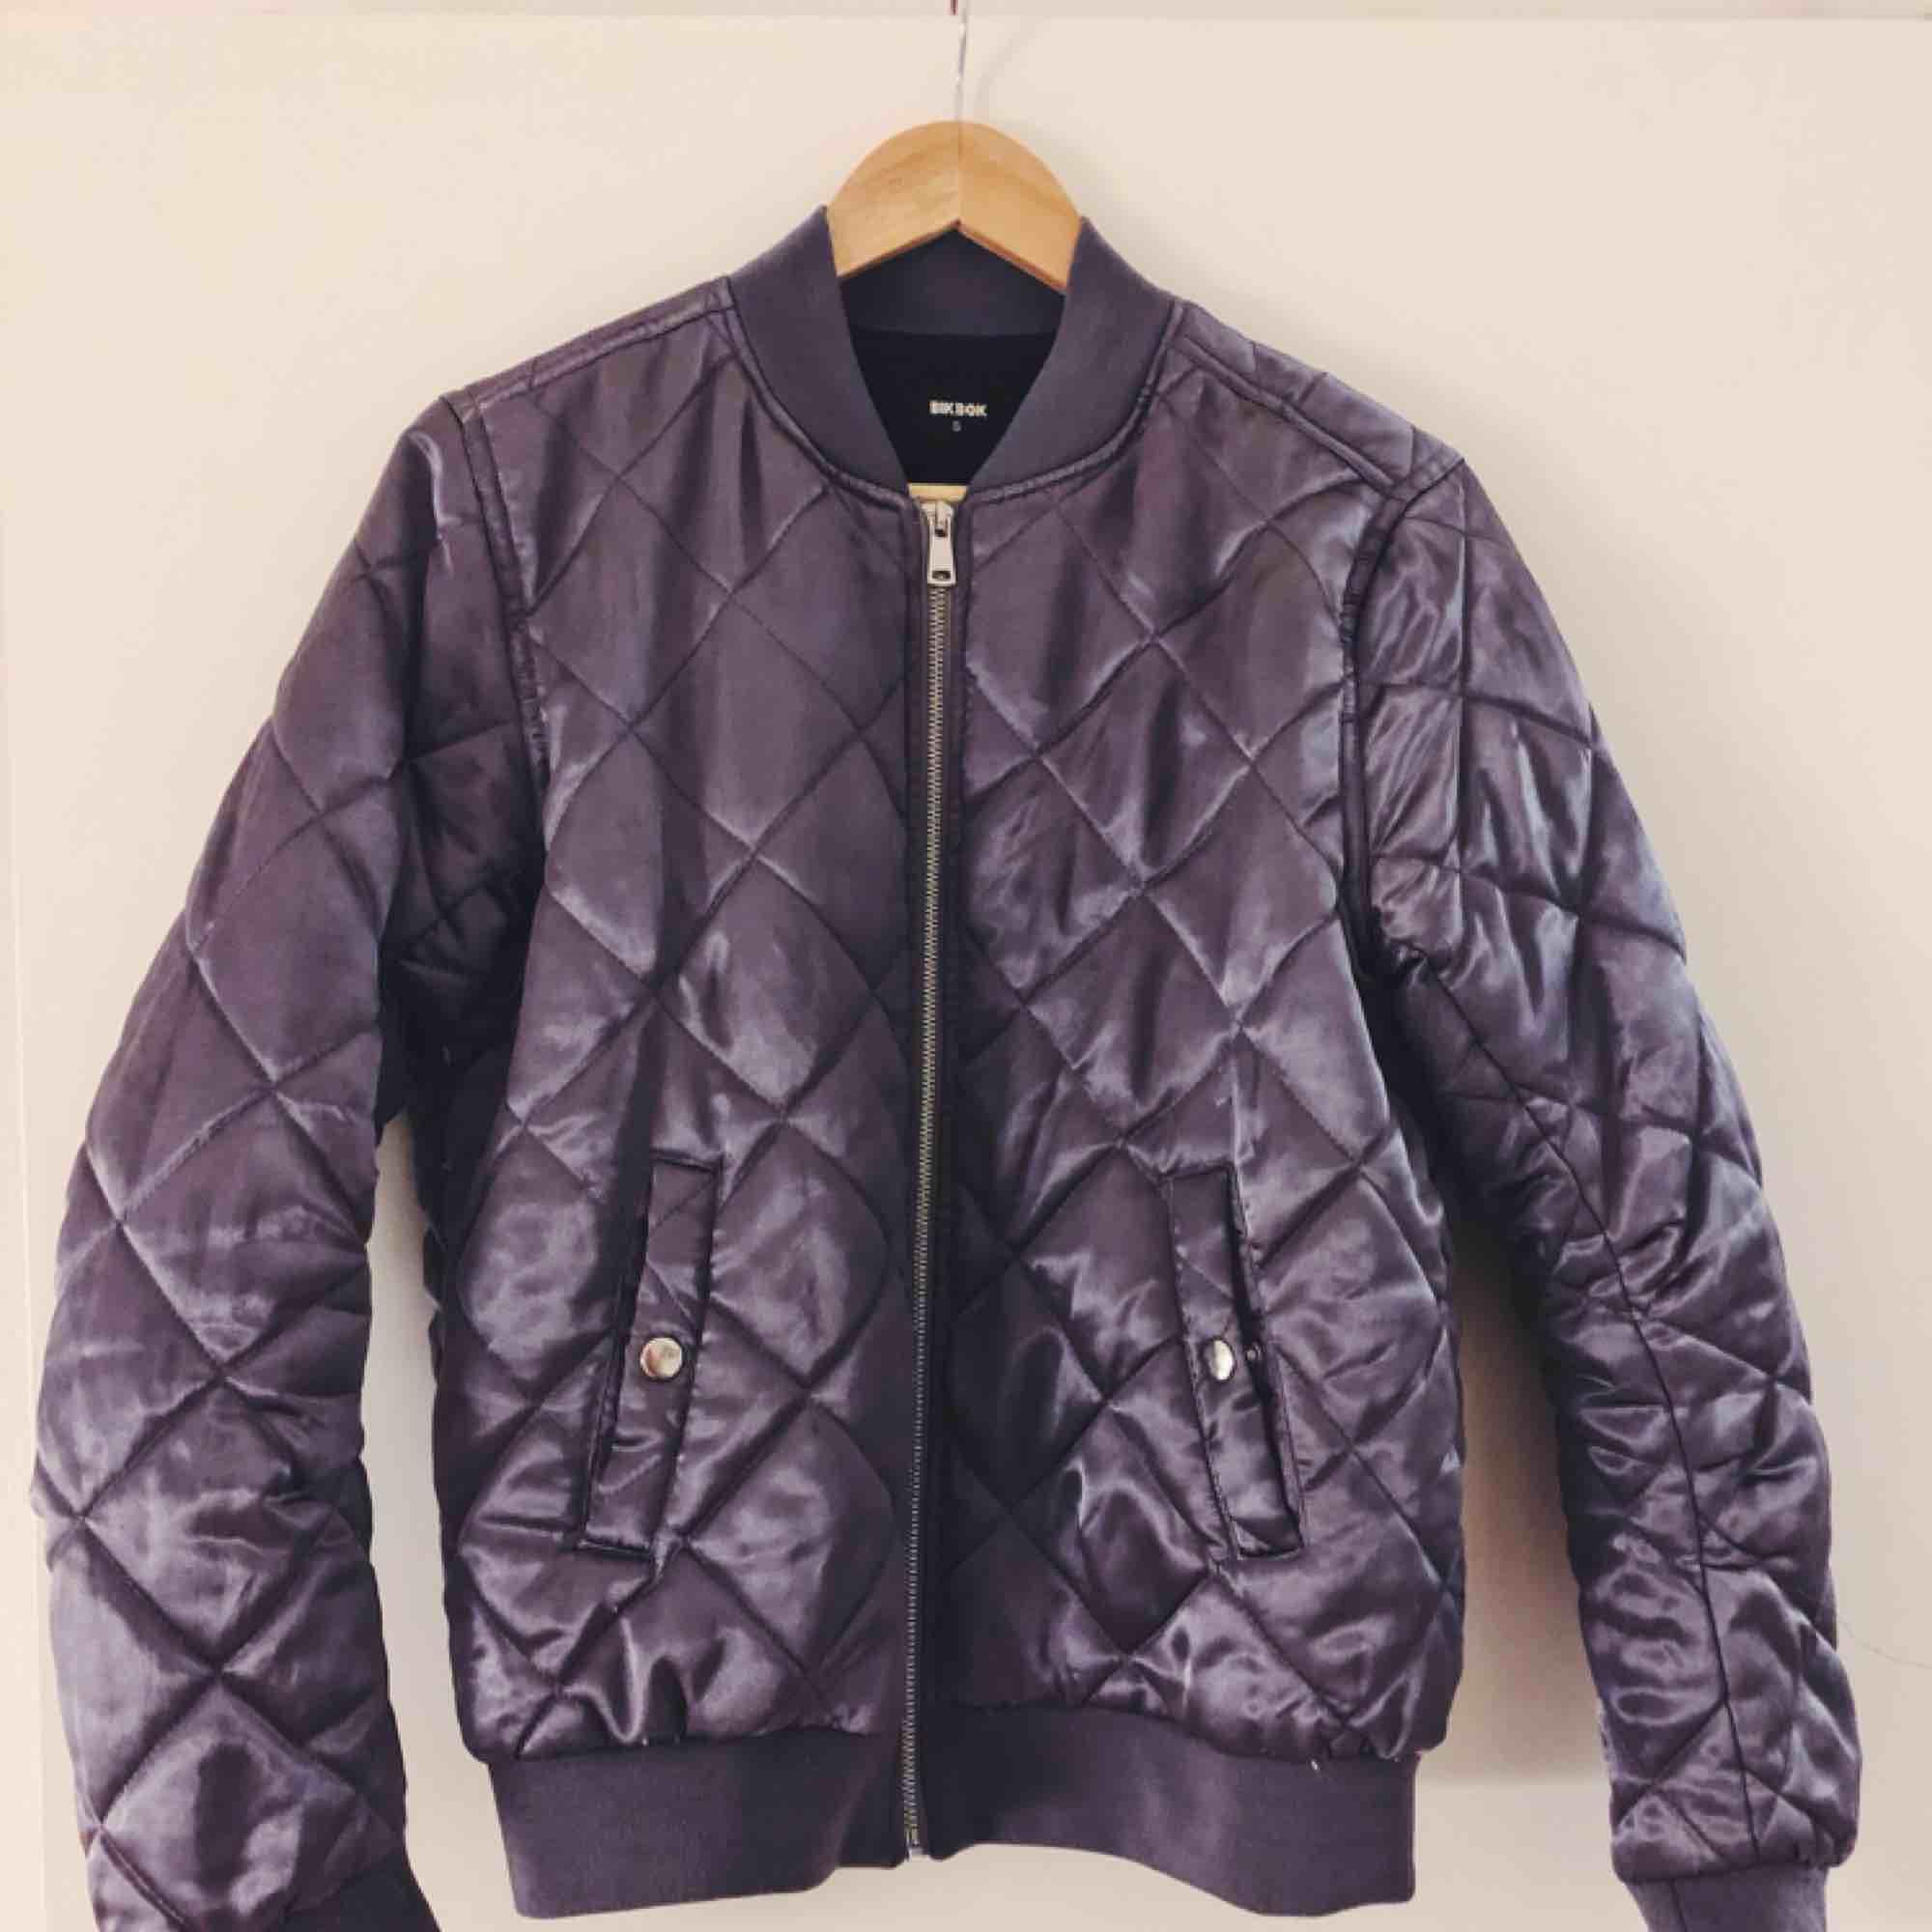 Jacka som skimrar fint i lila 💜 har för många jackor så används tyvärr inte ofta nog. Frakt tillkommer. Jackor.